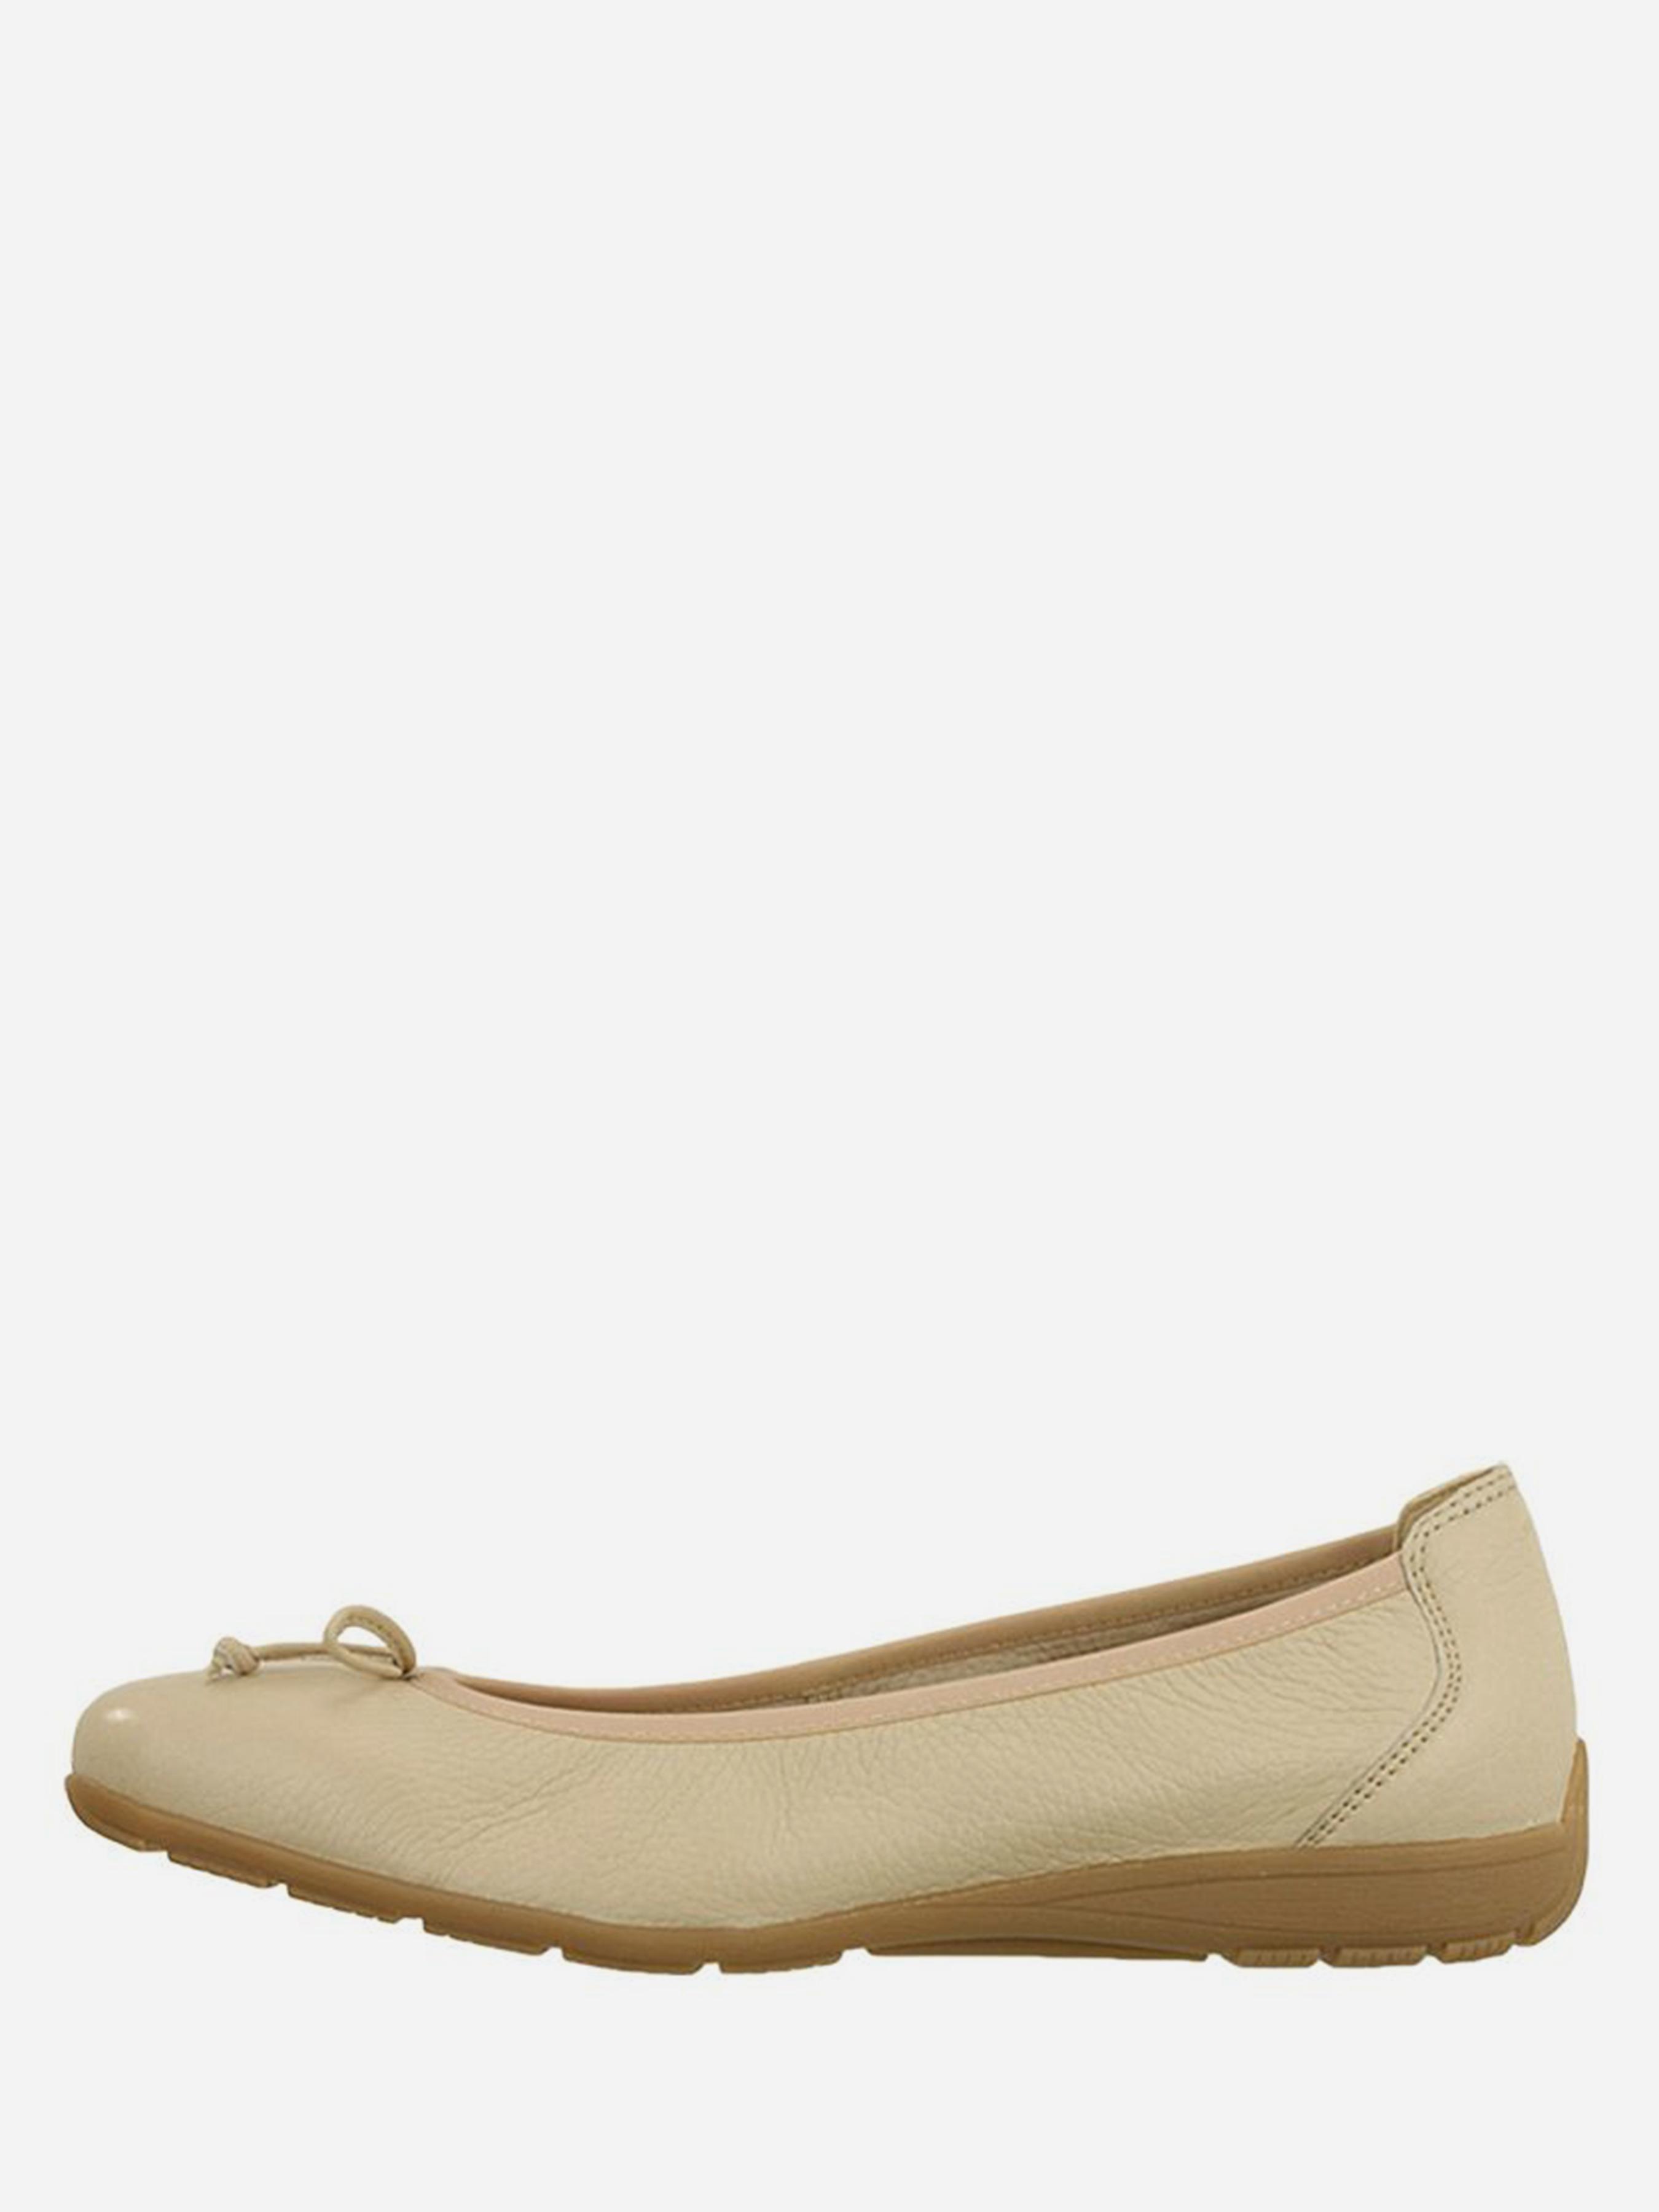 Балетки для женщин Caprice EO202 размерная сетка обуви, 2017